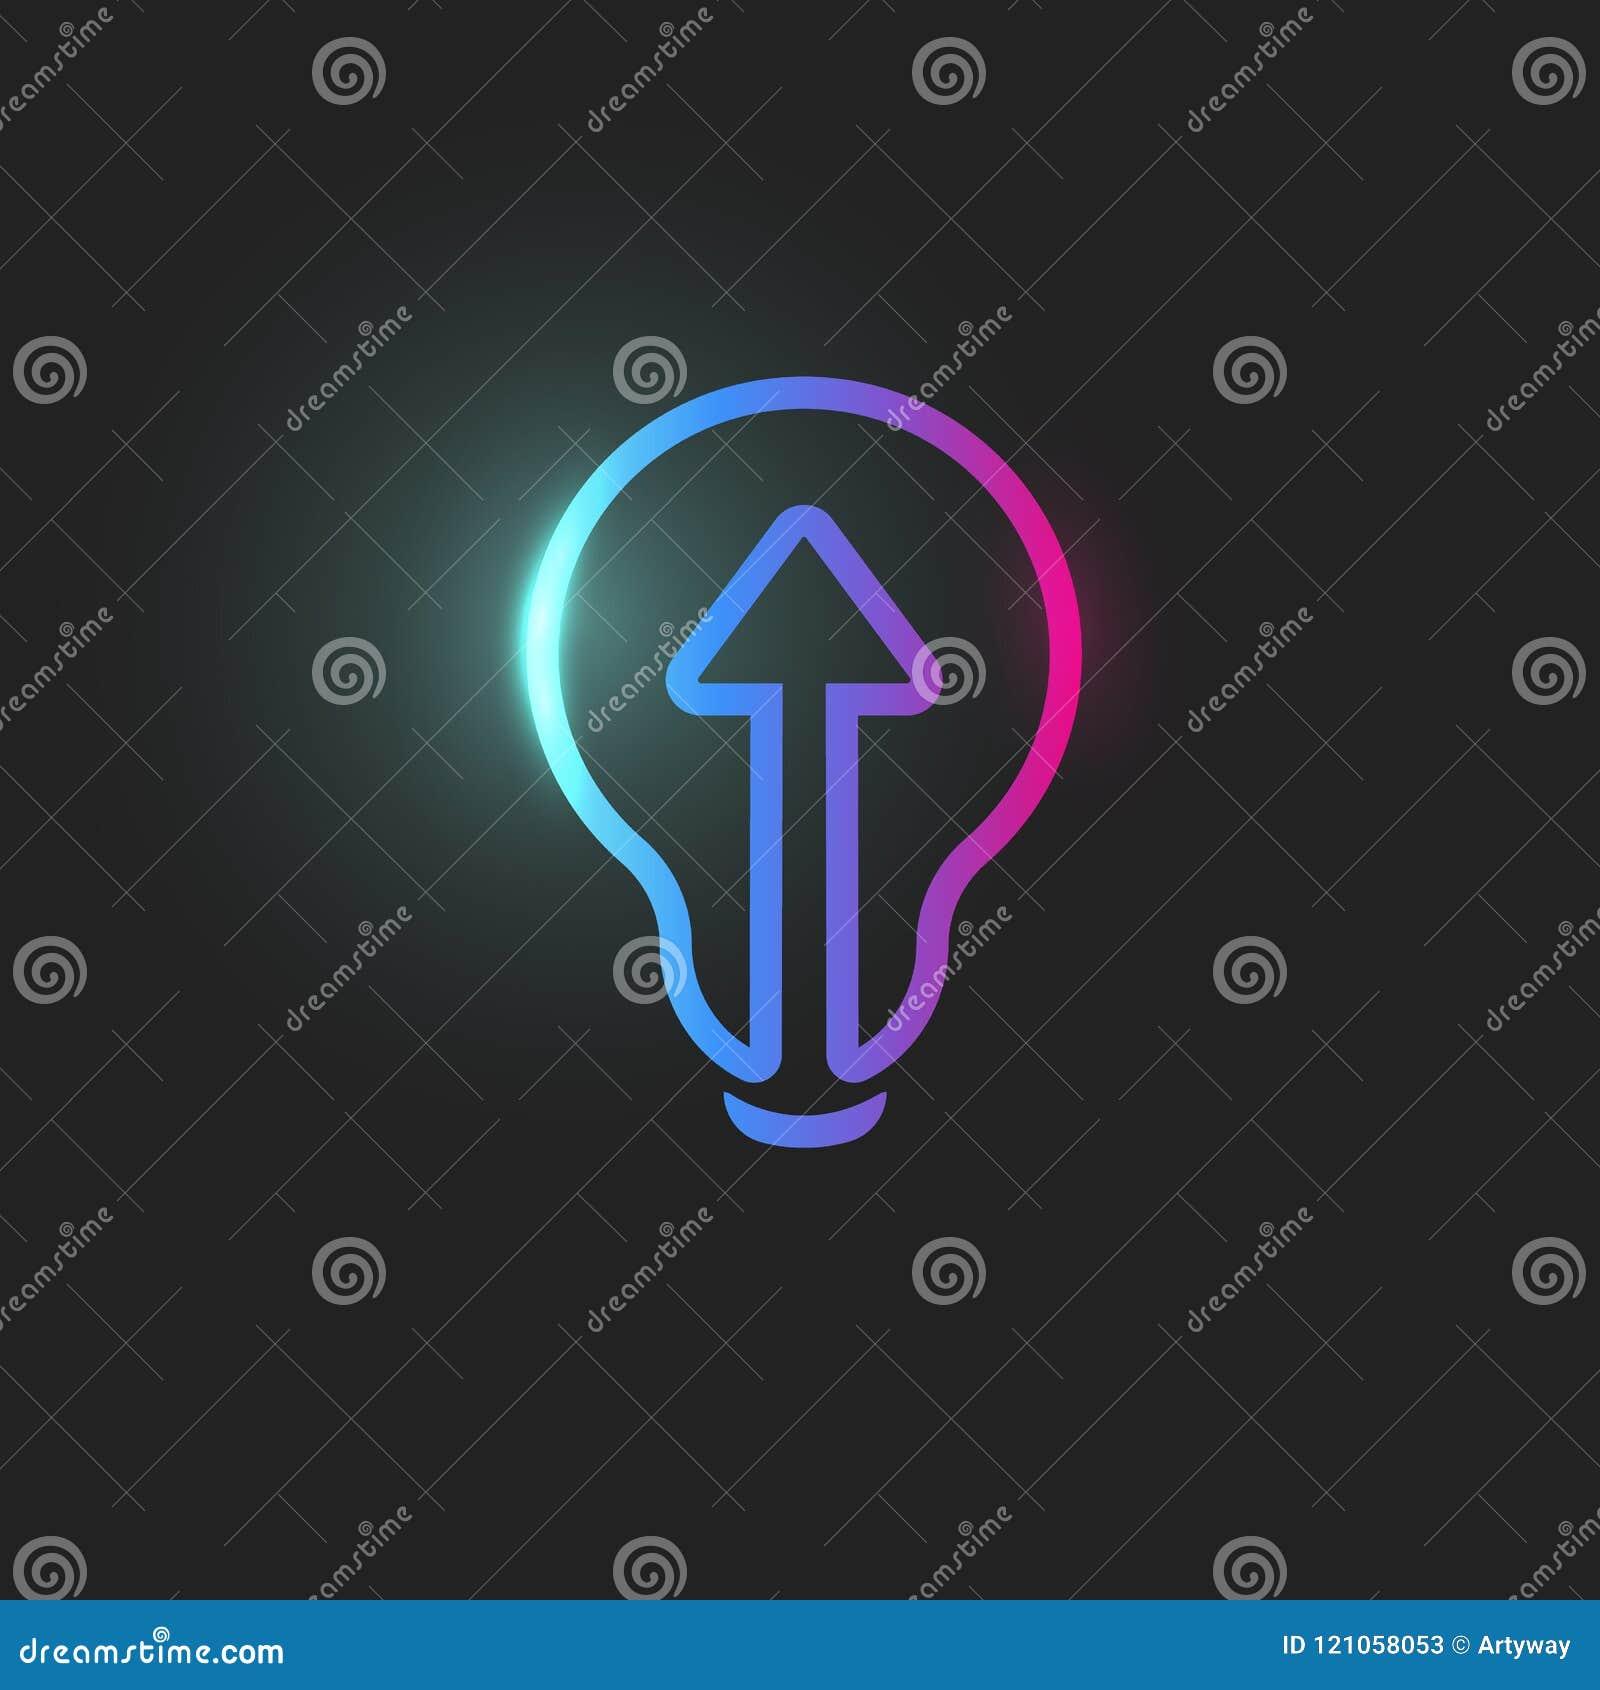 Seta, directioion reto, ícone da ampola, ampola abstrata, ícone da Web, inovação linear, molde do logotipo da ideia